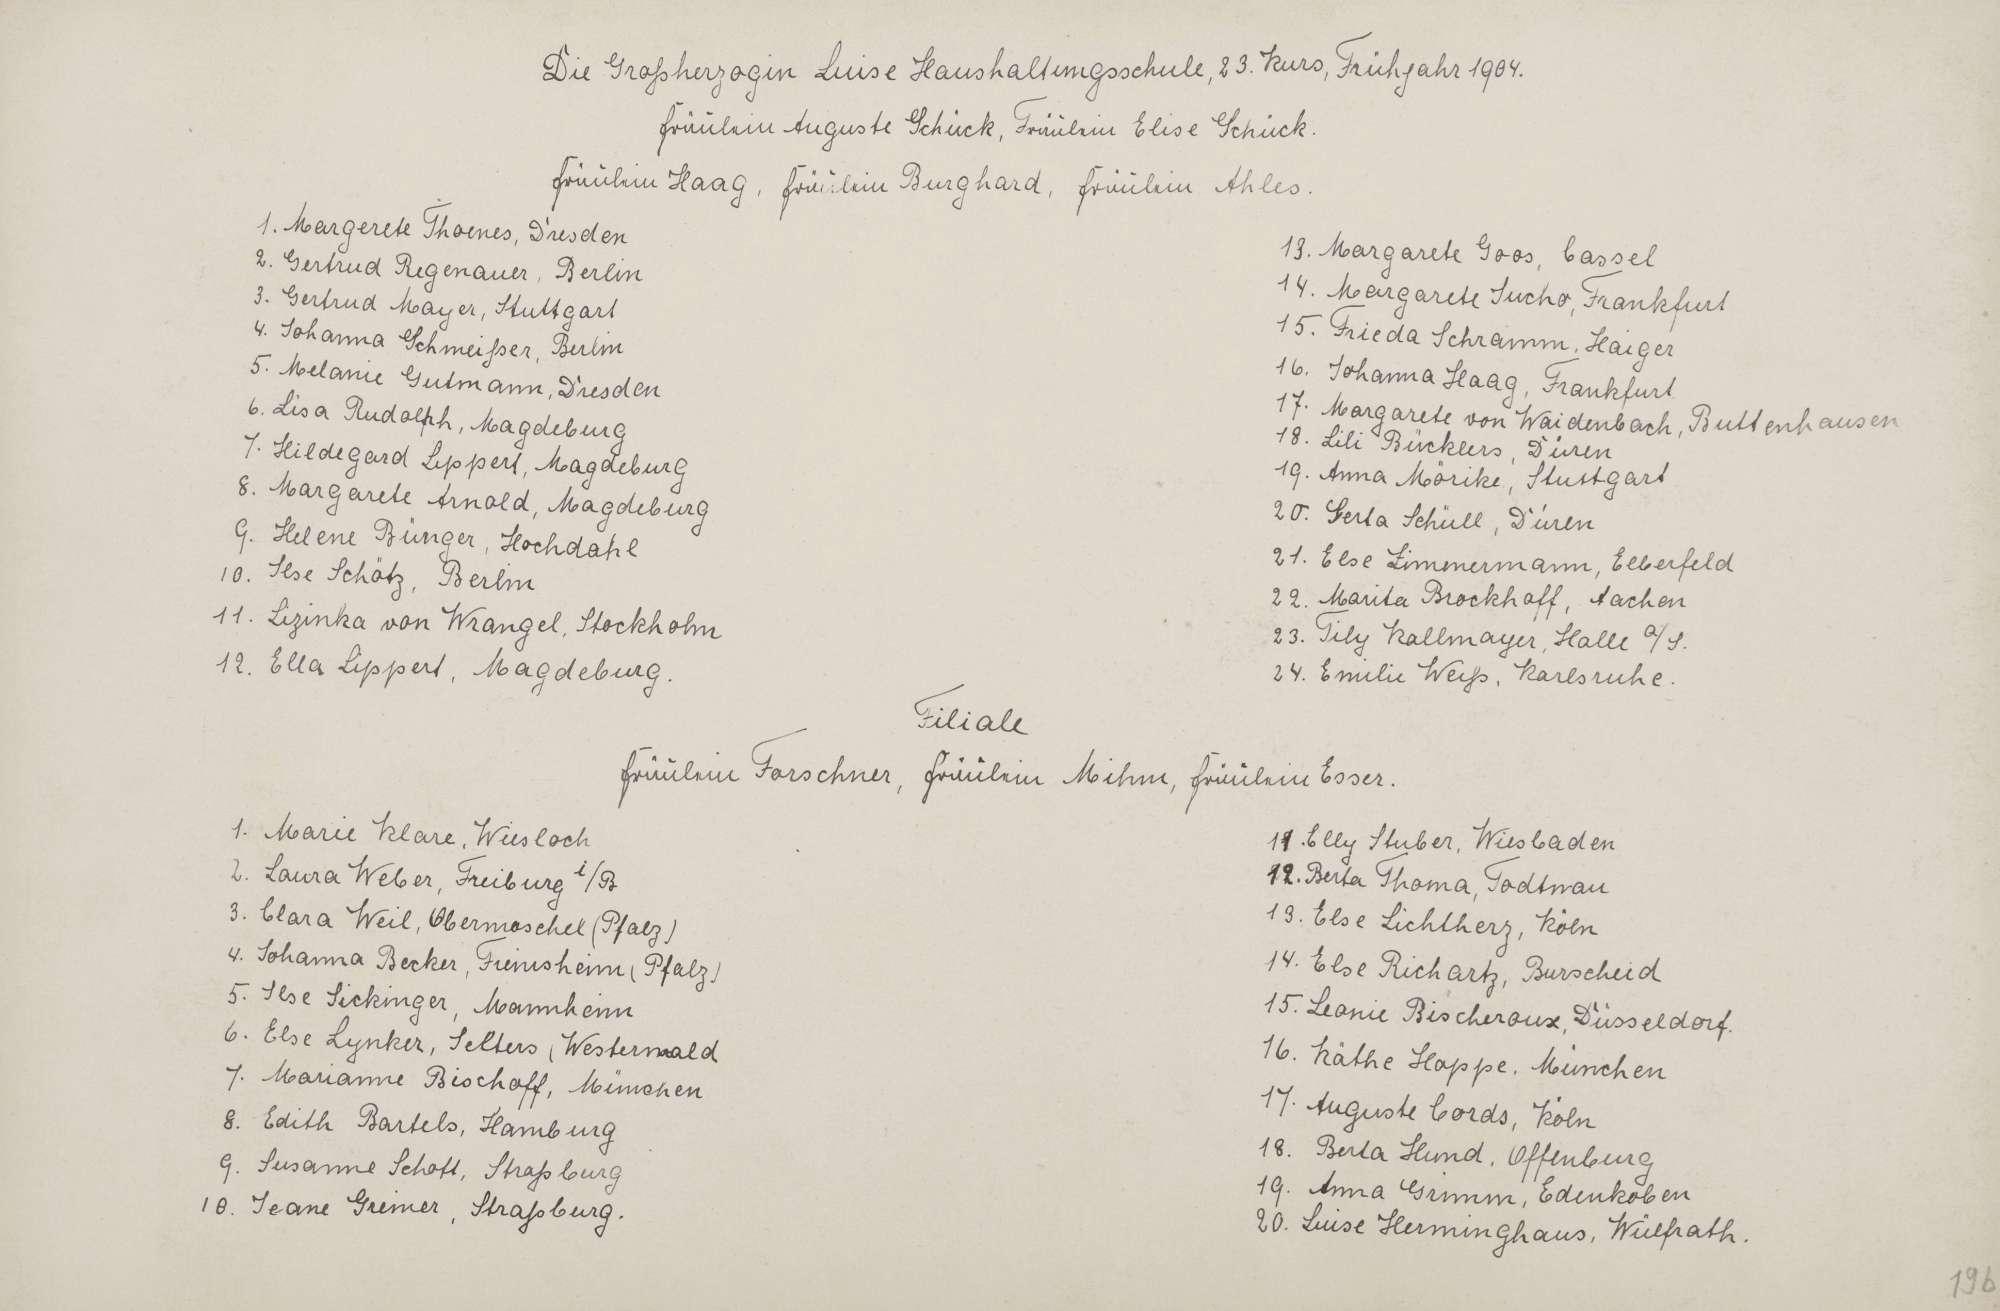 Namen der Kursteilnehmerinnen der Großherzogin Luise-Haushaltungsschule in Baden-Baden im Frühjahr 1904, Bild 1